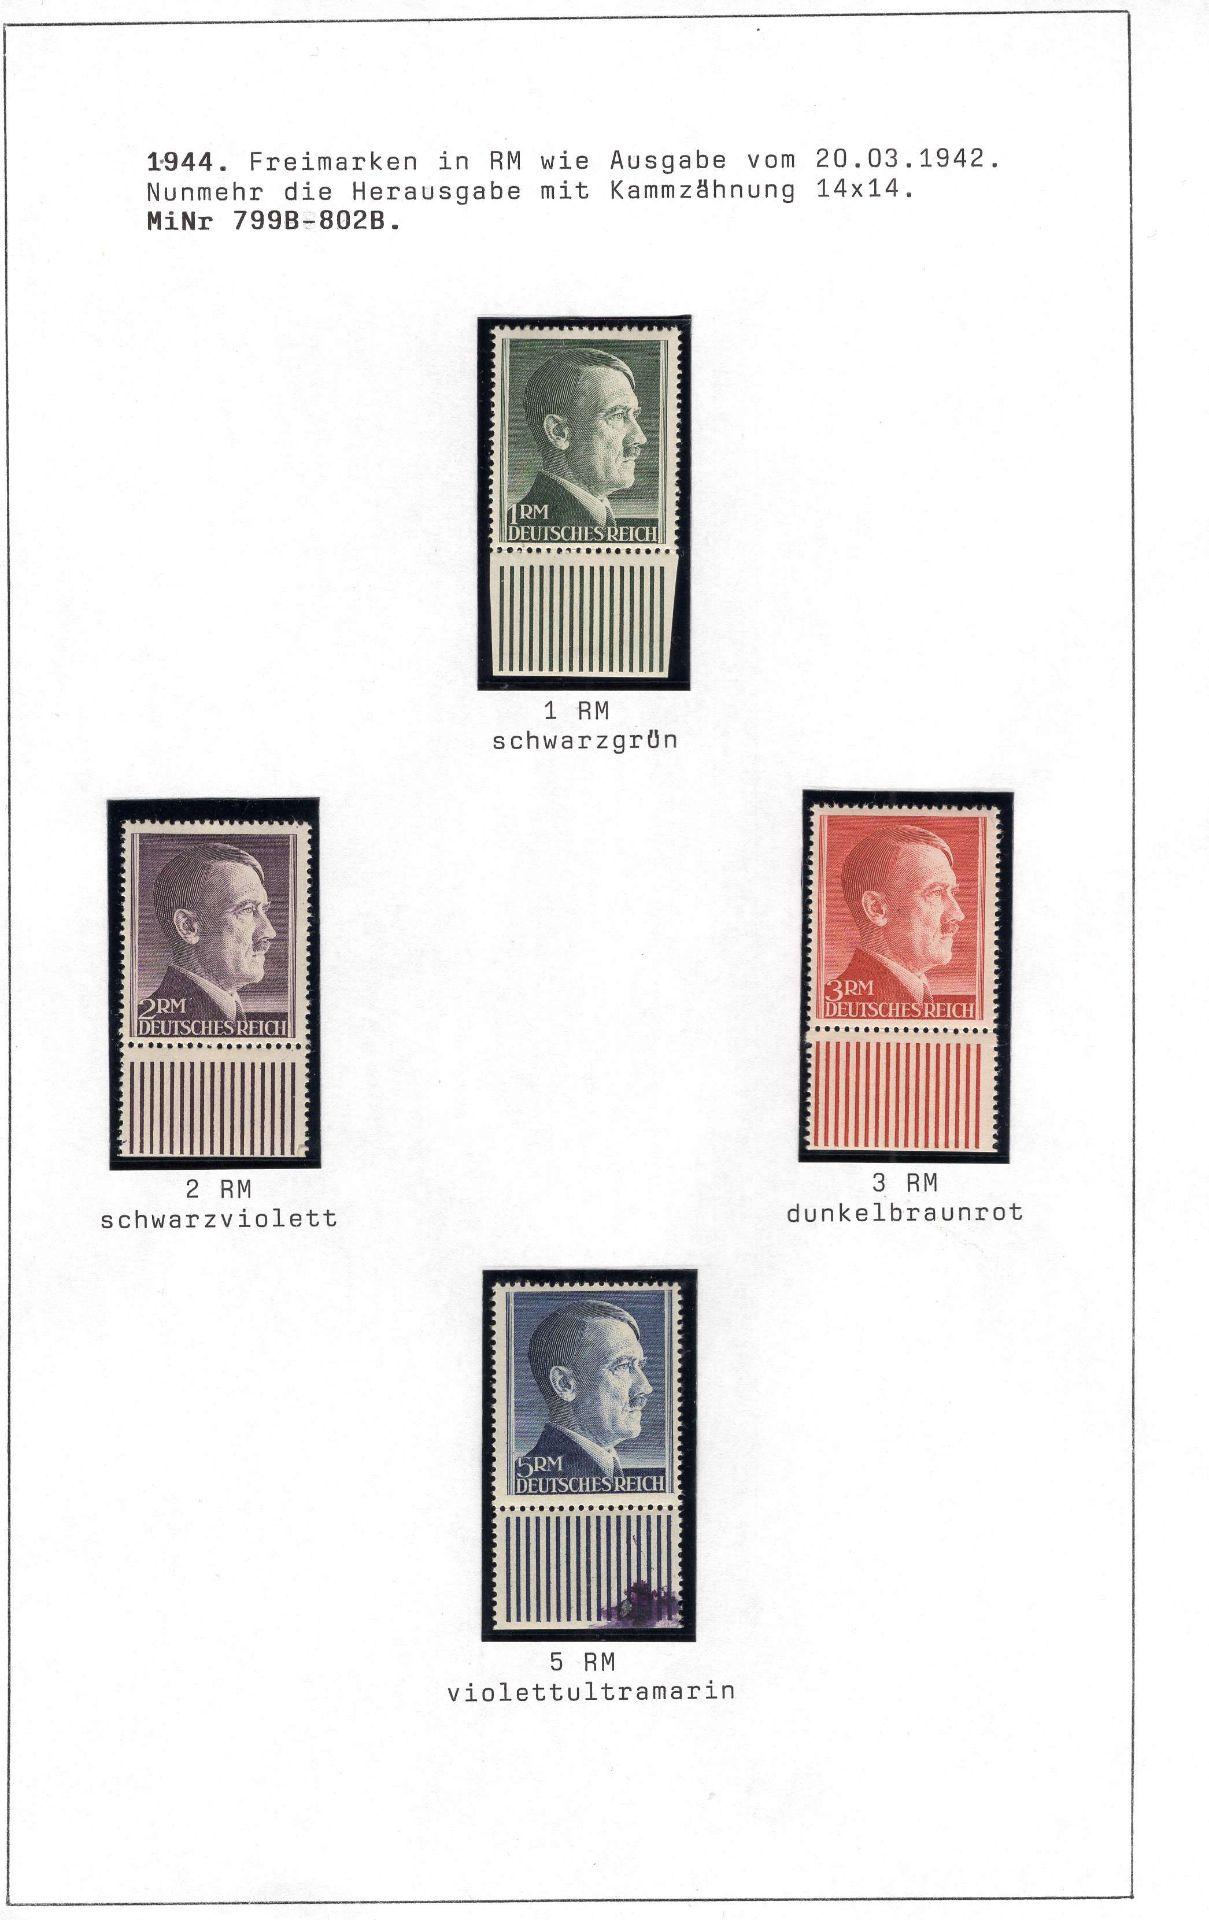 Deutsches Reich 1942/44, Mi. - Nr. 799A/802A und 79B/802B, Freimarken Adolf Hitler. In tadelloser - Image 3 of 4